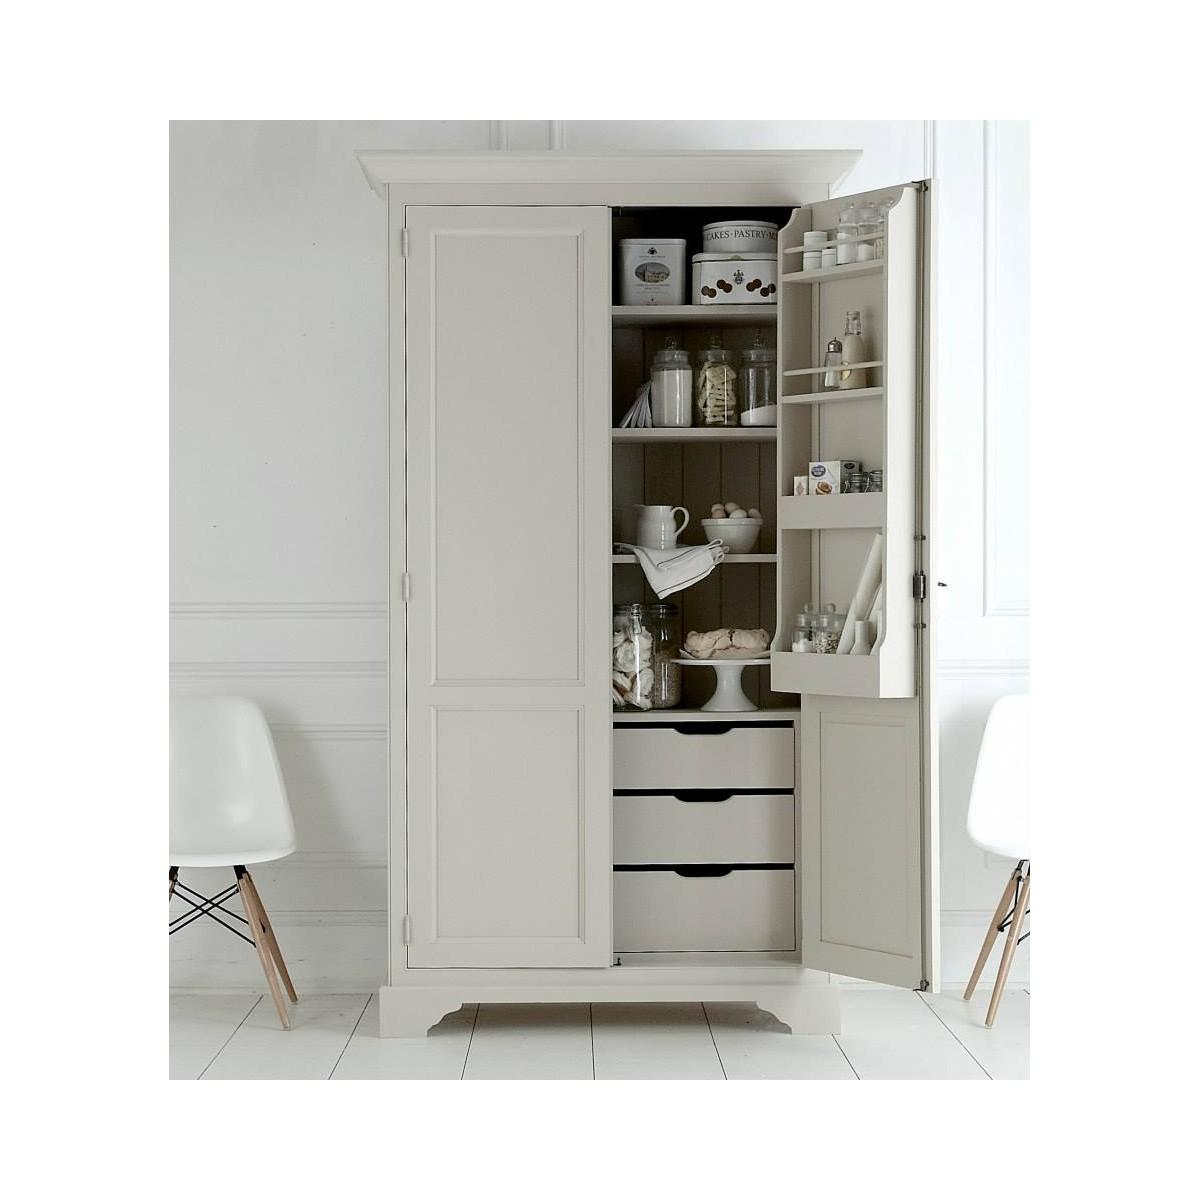 Vitrineskab med indretning som køkkenskab. Shop online hos Brandi ...